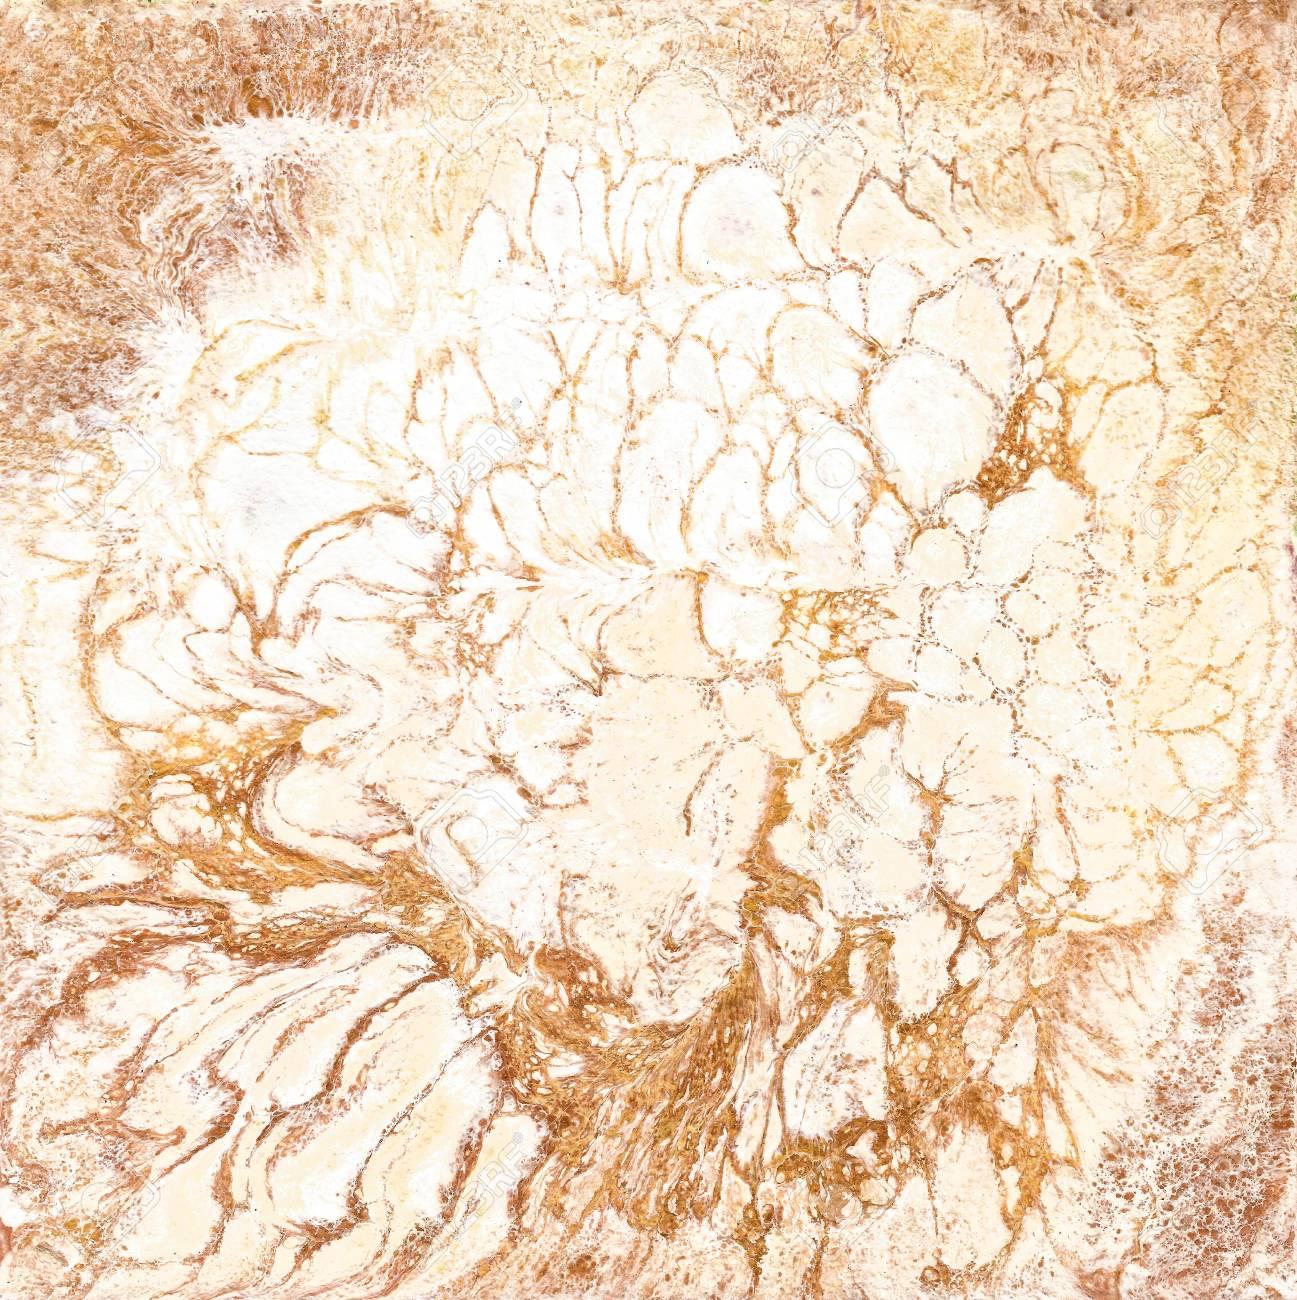 Texture De Marbre Blanc Et Doré Main Dessiner La Peinture Avec La Texture Marbrée Et Les Couleurs D Or Et De Bronze Fond De Marbre Or Motif De